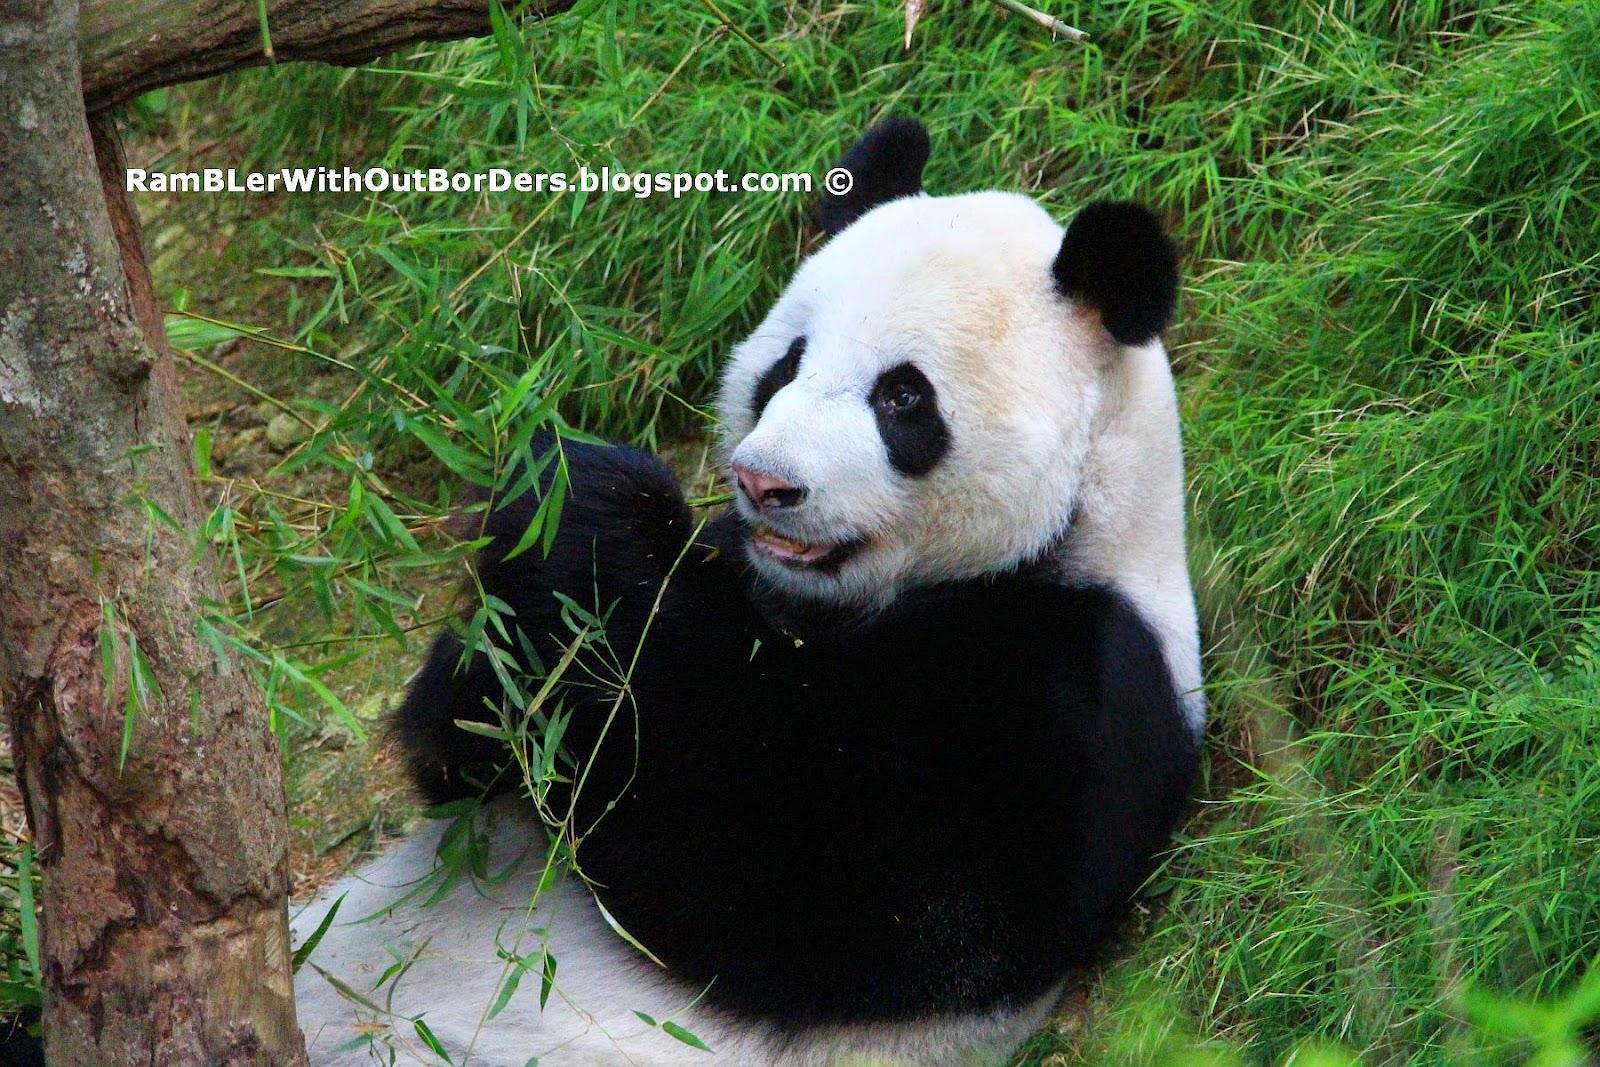 Panda eating bamboo, River Safari, Singapore